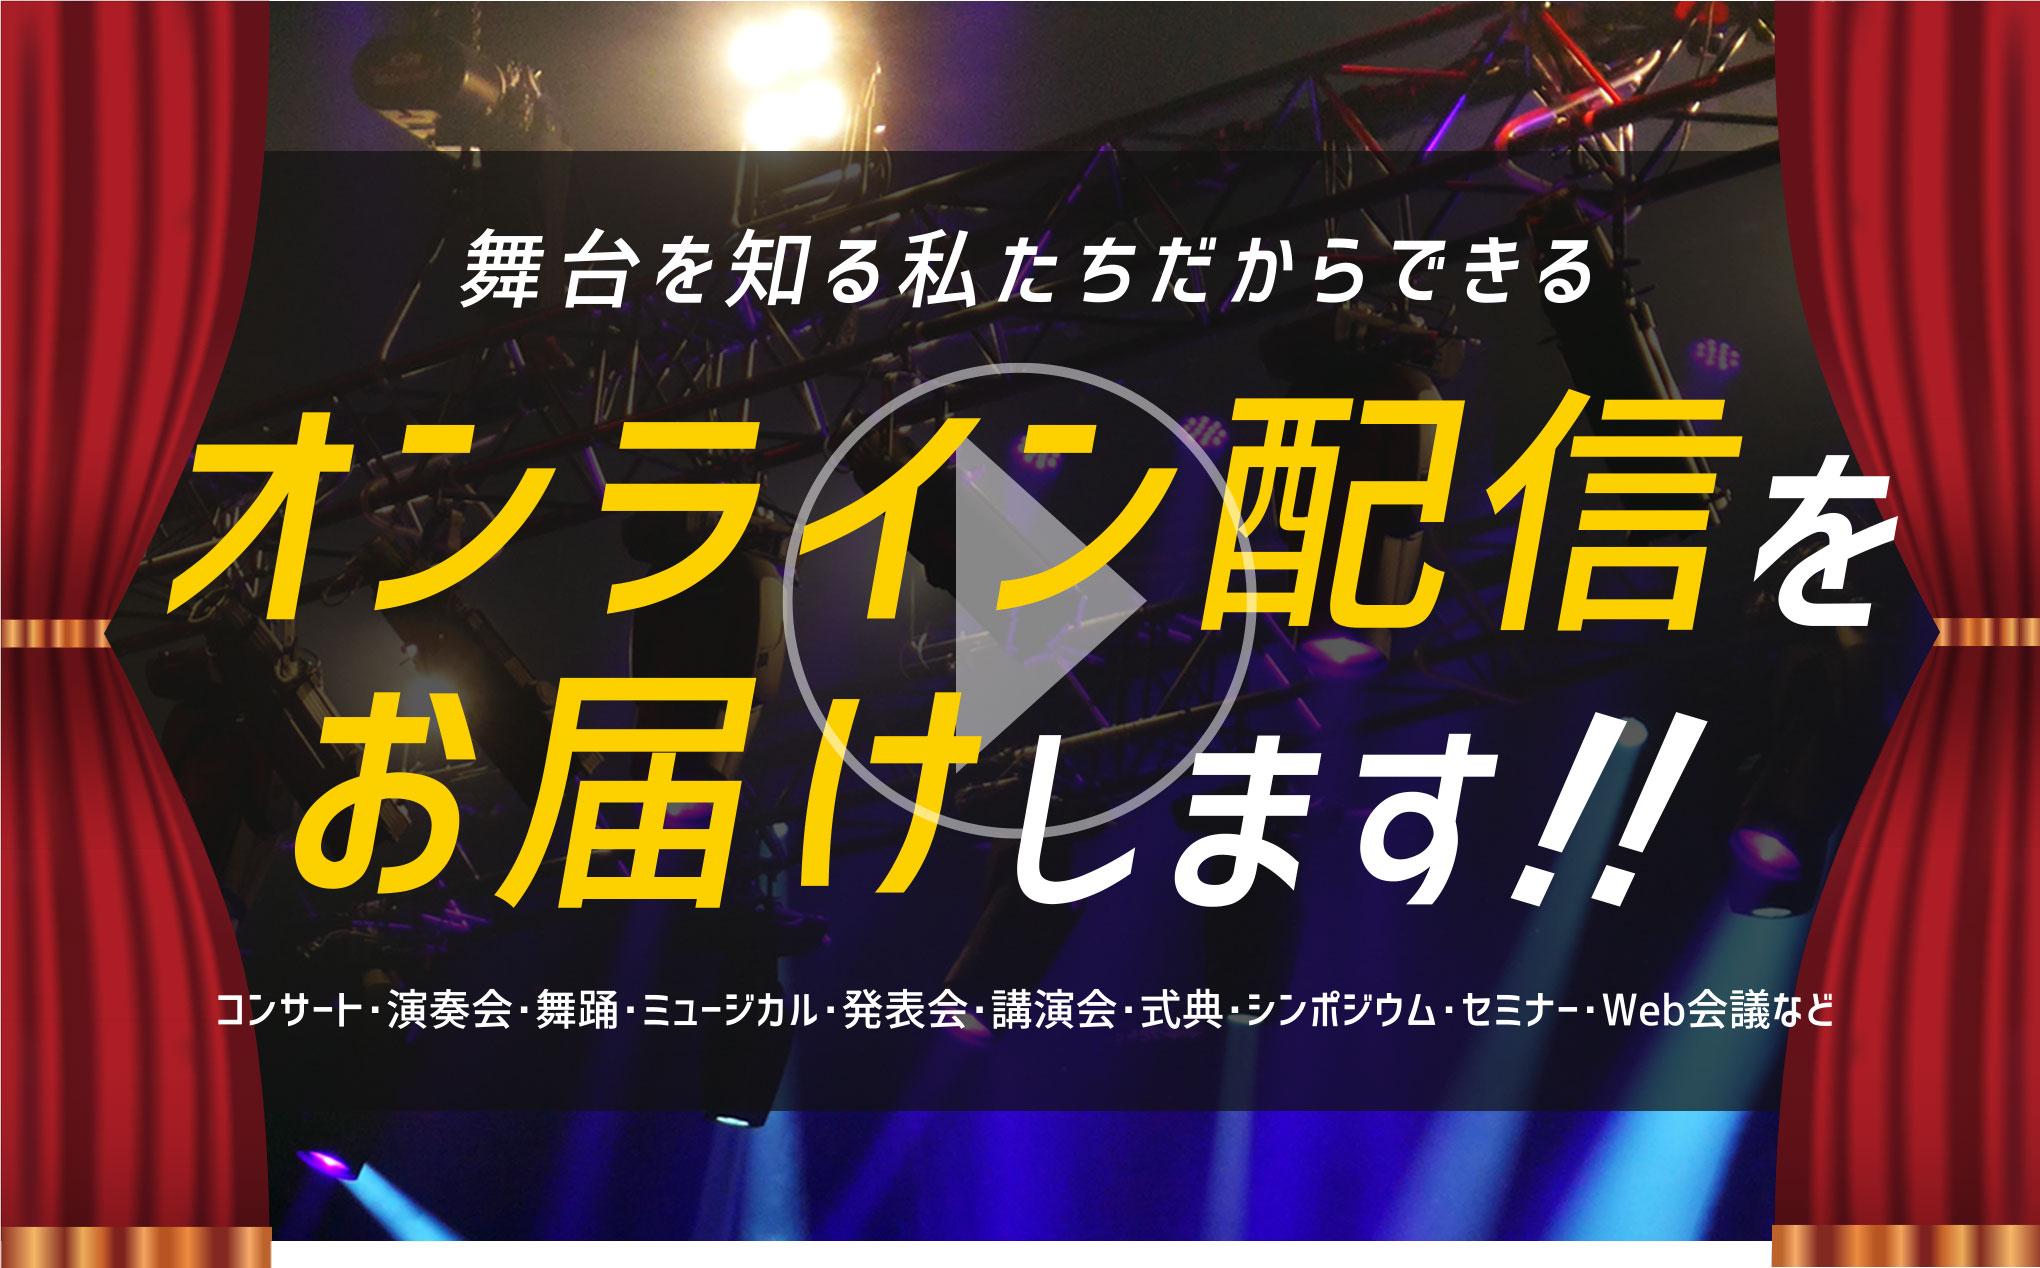 画像:舞台を知る私たちだからできるオンライン配信をお届けします!